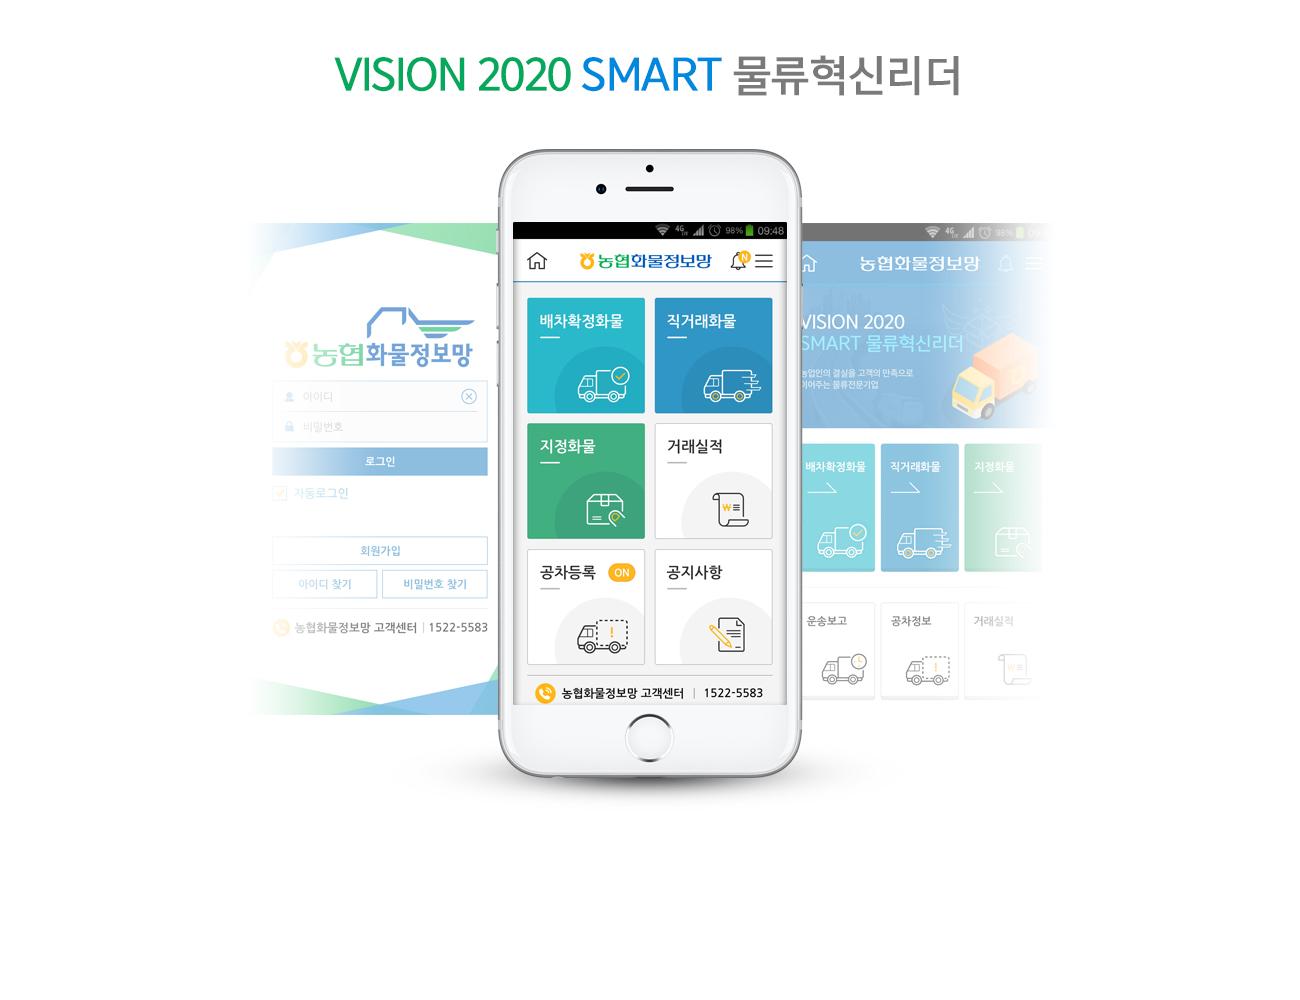 D-_2016-포트폴리오-작업-소스_2017-designme-포트폴리오_01.-앱(미투,픽팝,픽업,ktwiz,농협)_04